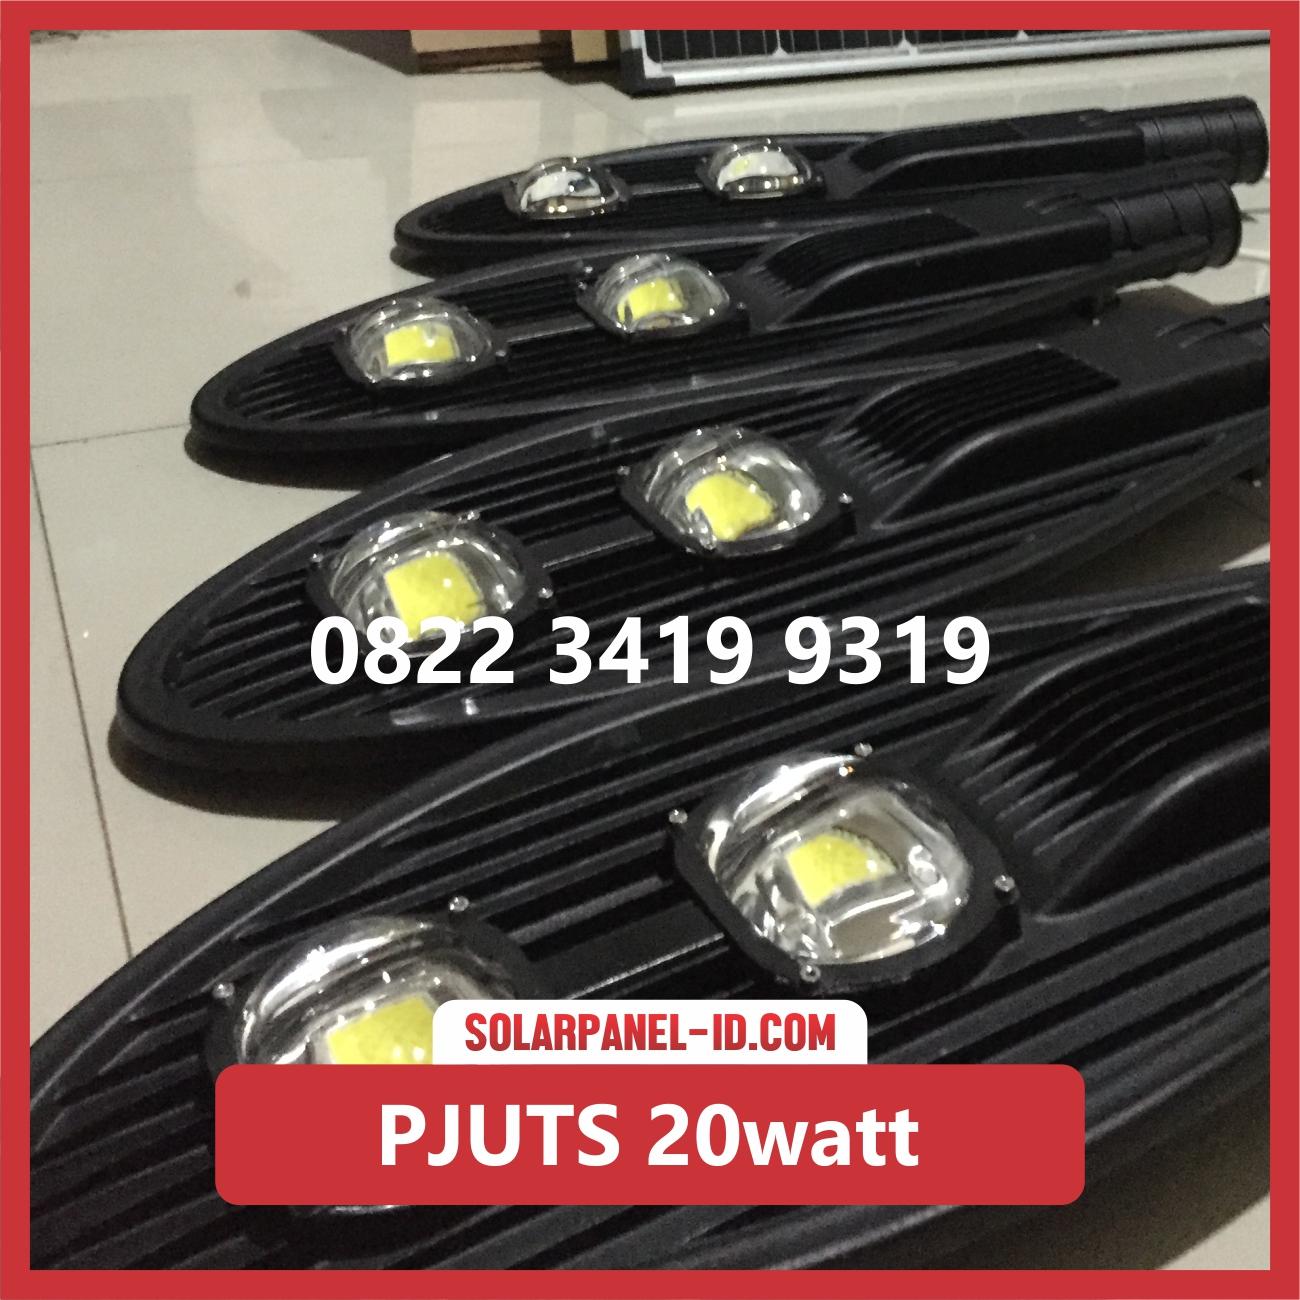 Jual Paket Lampu Jalan Tenaga Surya 20watt Pju Solarcell